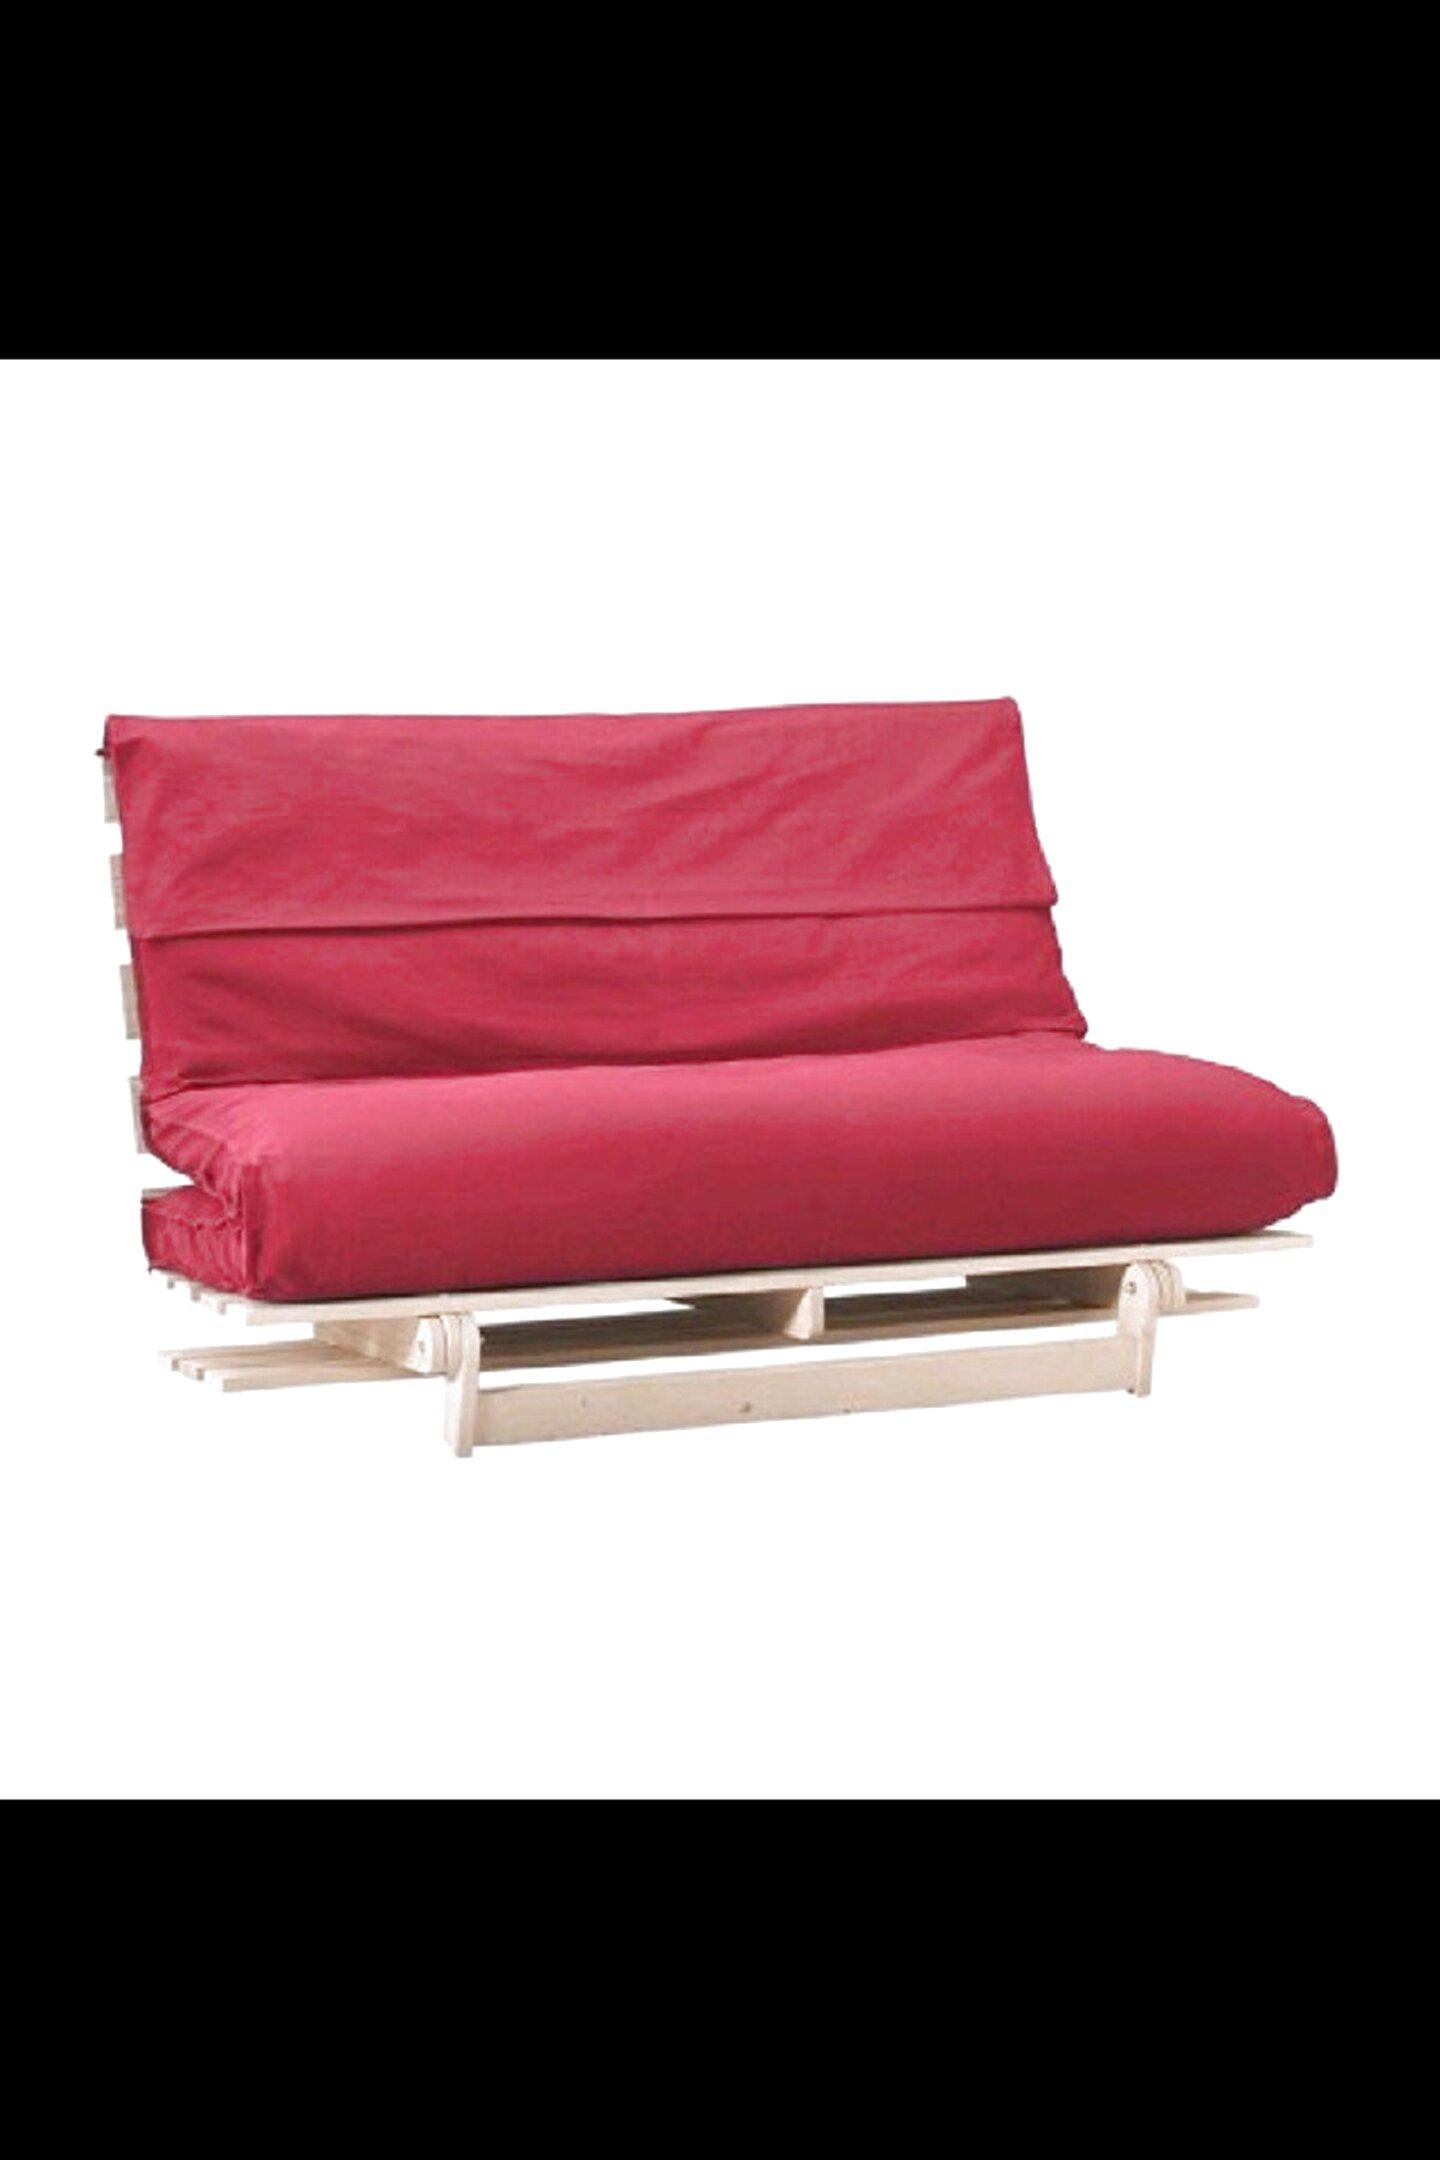 Divano Letto Ikea Usato Roma.Divano Letto Futon Ikea Firenze Usato In Italia Vedi Tutte I 10